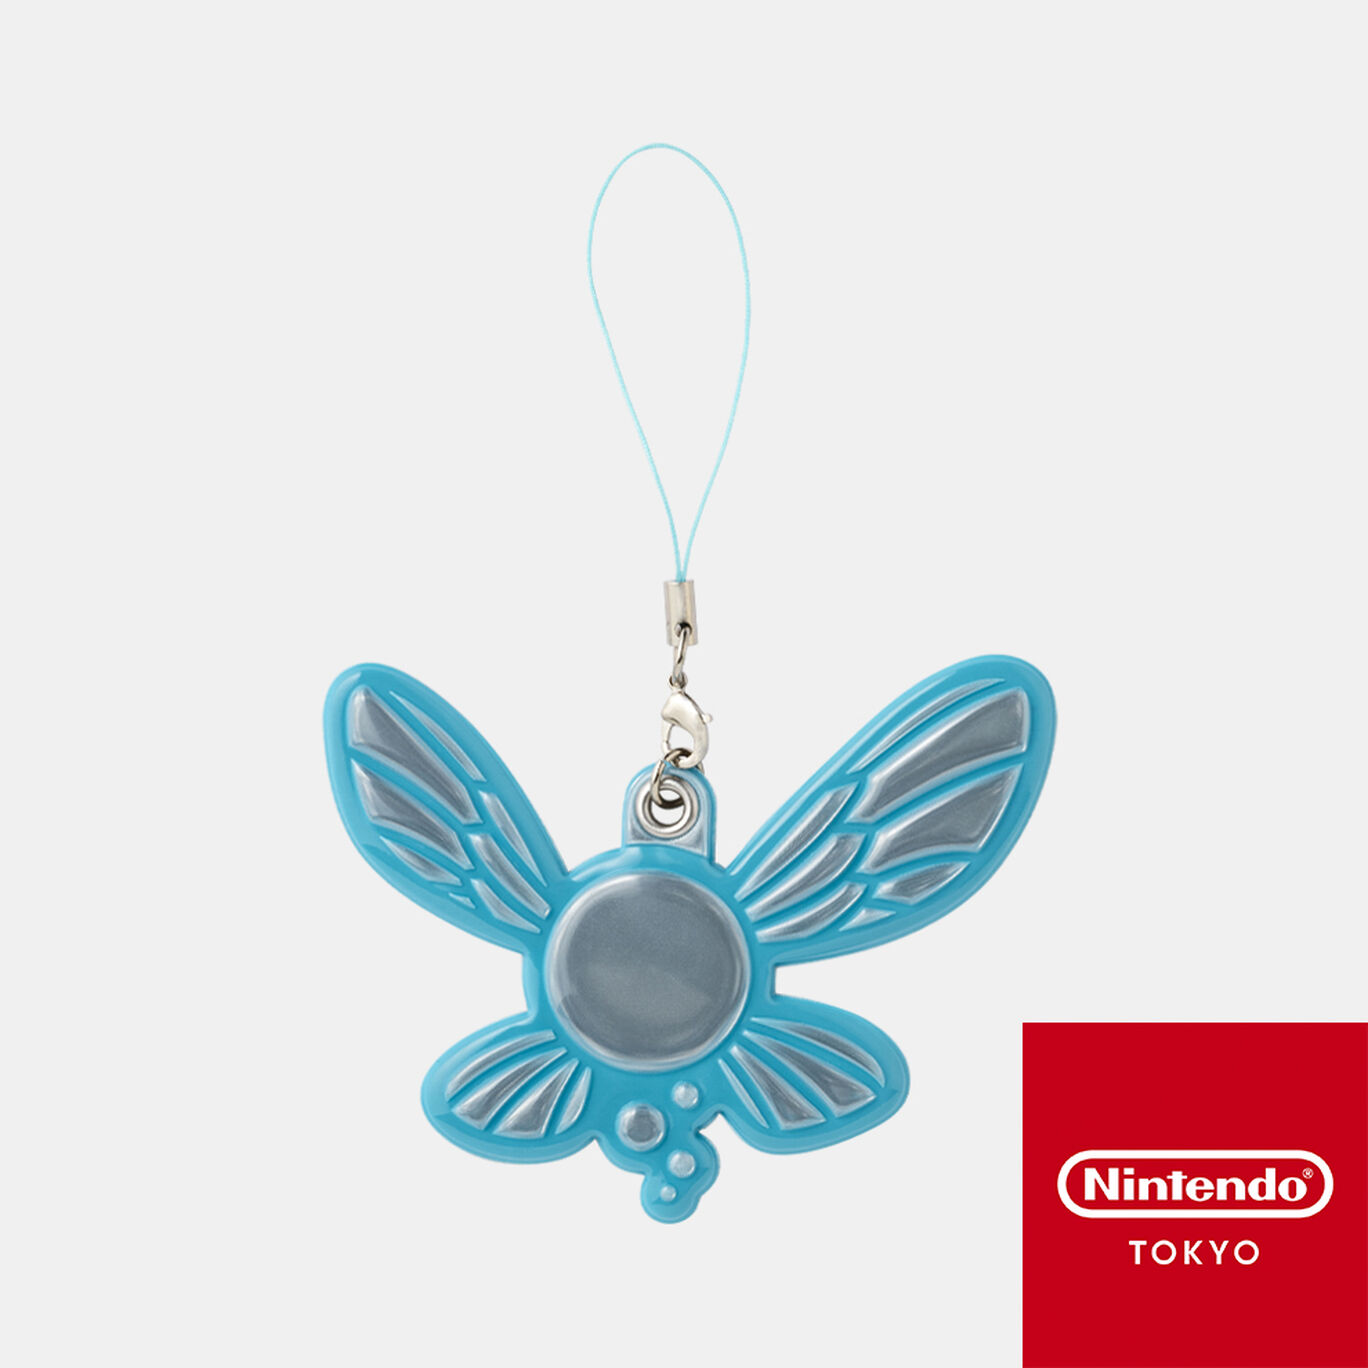 リフレクター ゼルダの伝説 C【Nintendo TOKYO取り扱い商品】